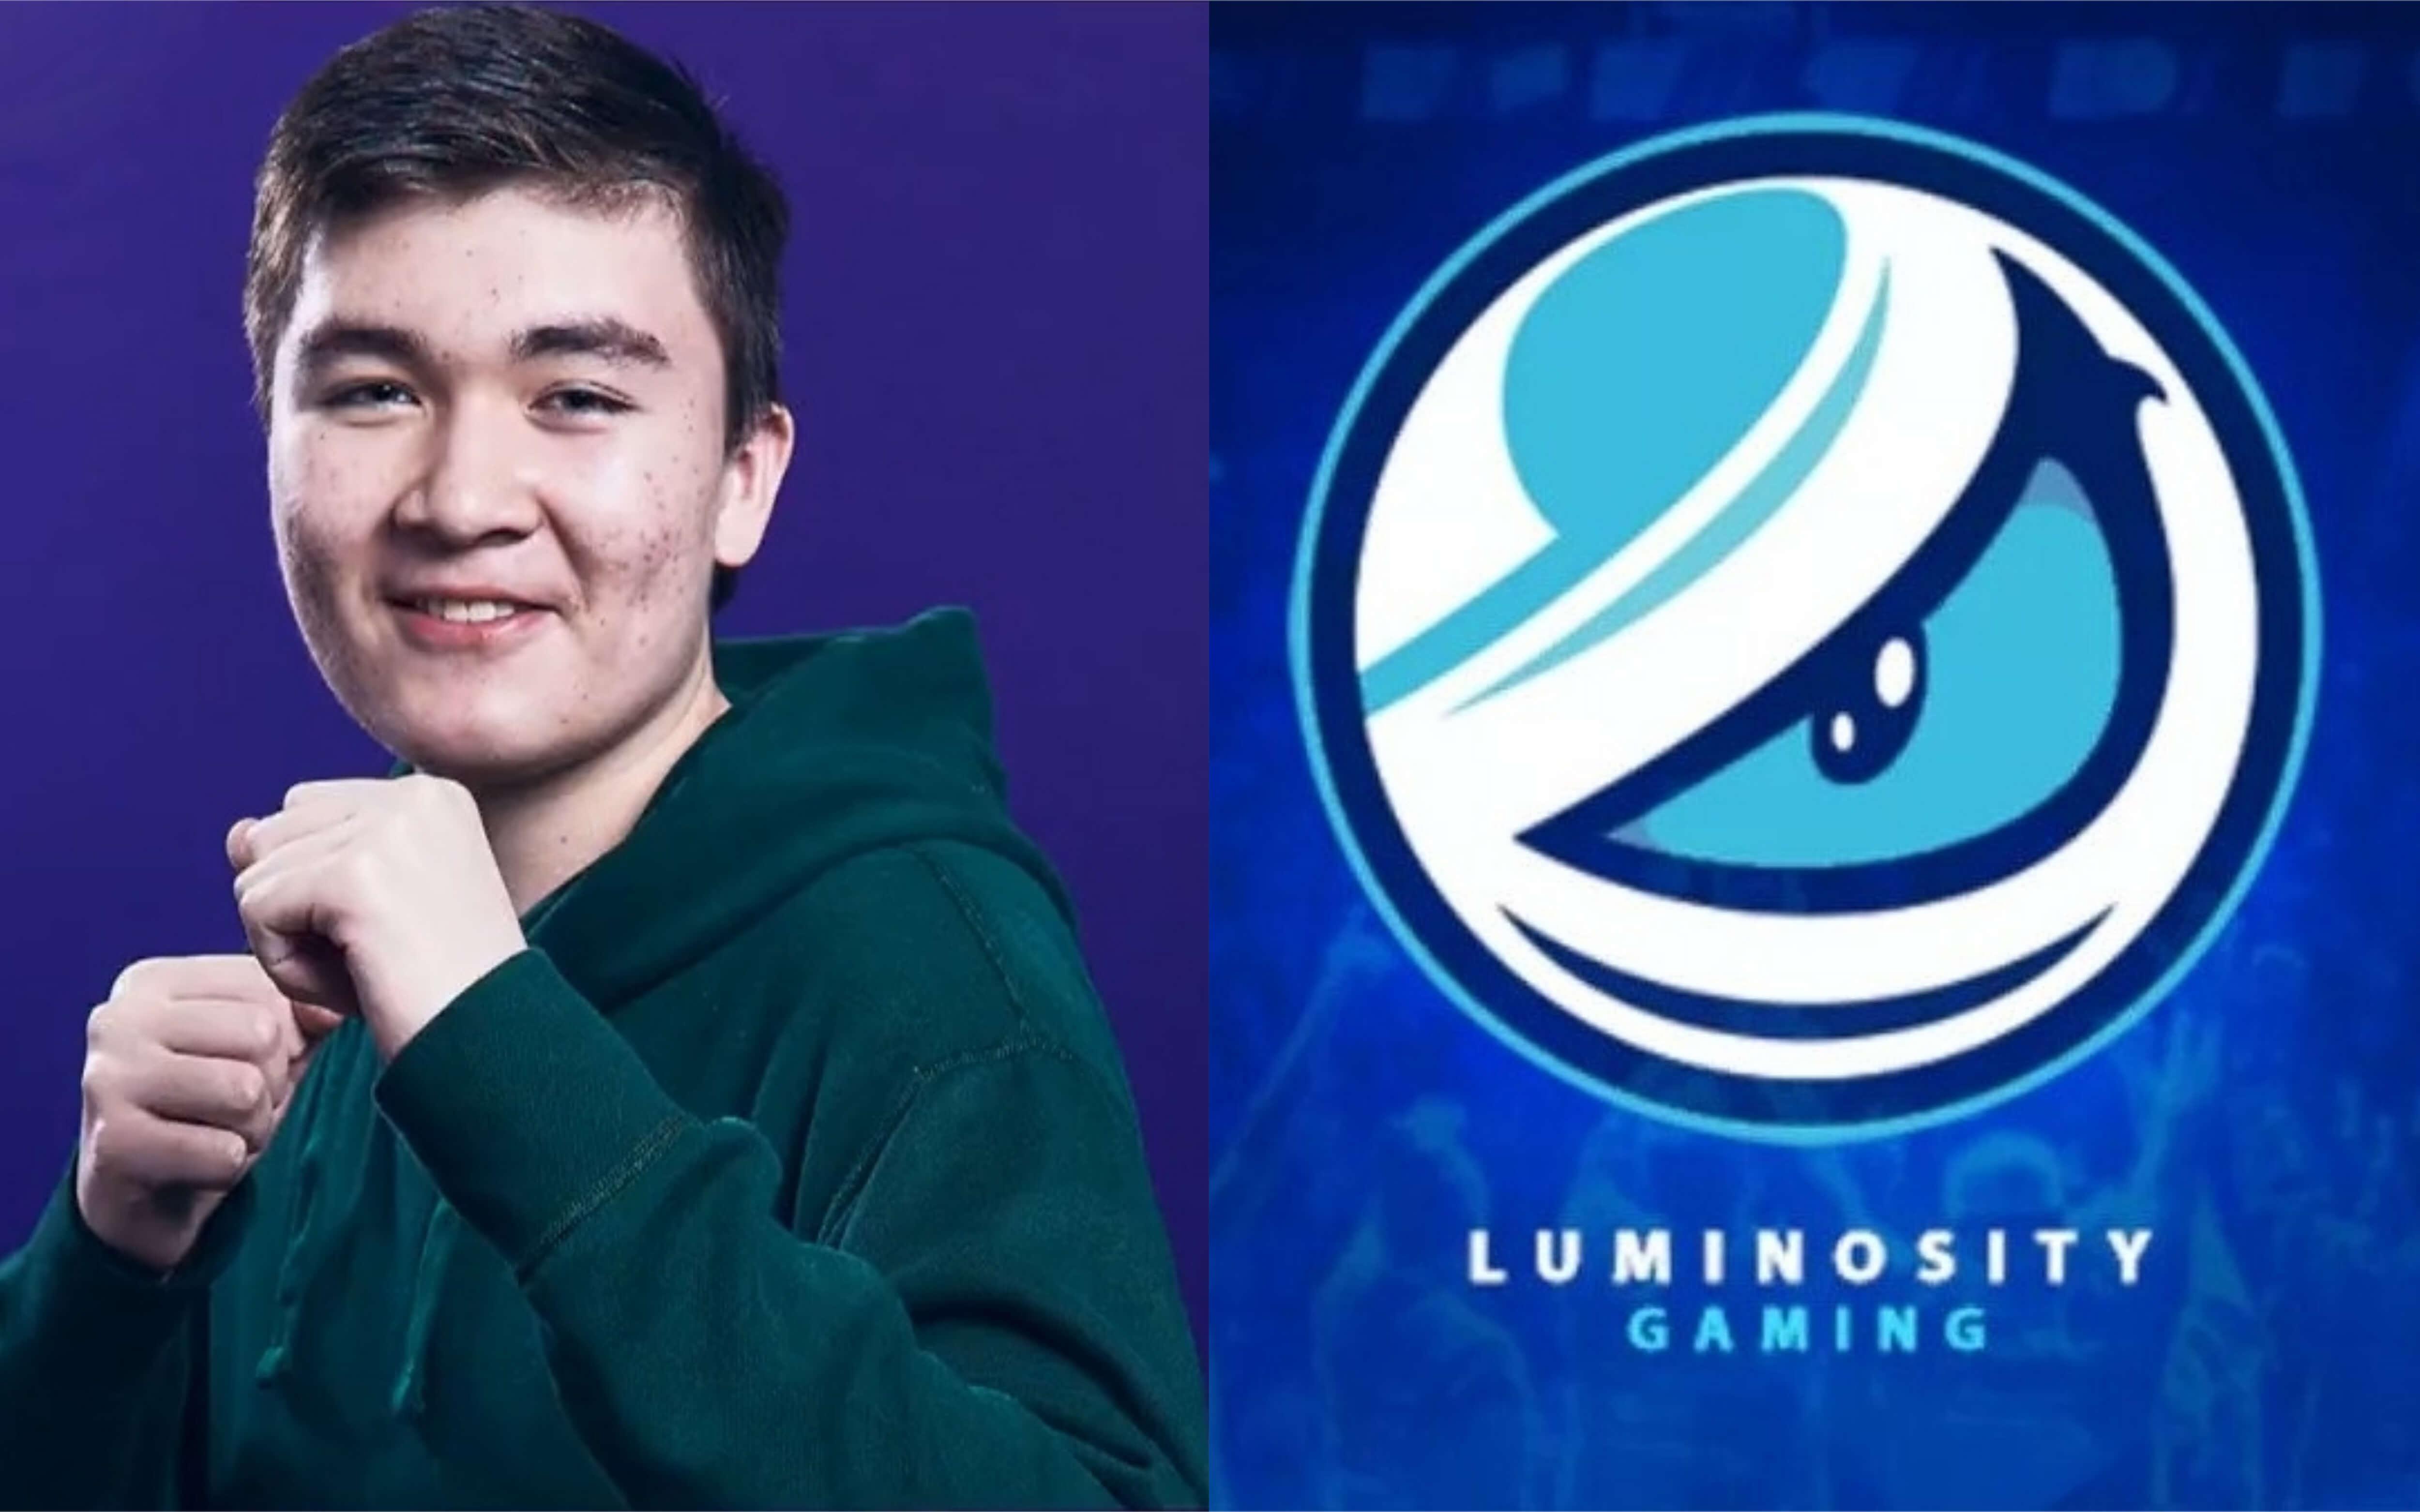 Mrfreshasian joins Luminosity Gaming